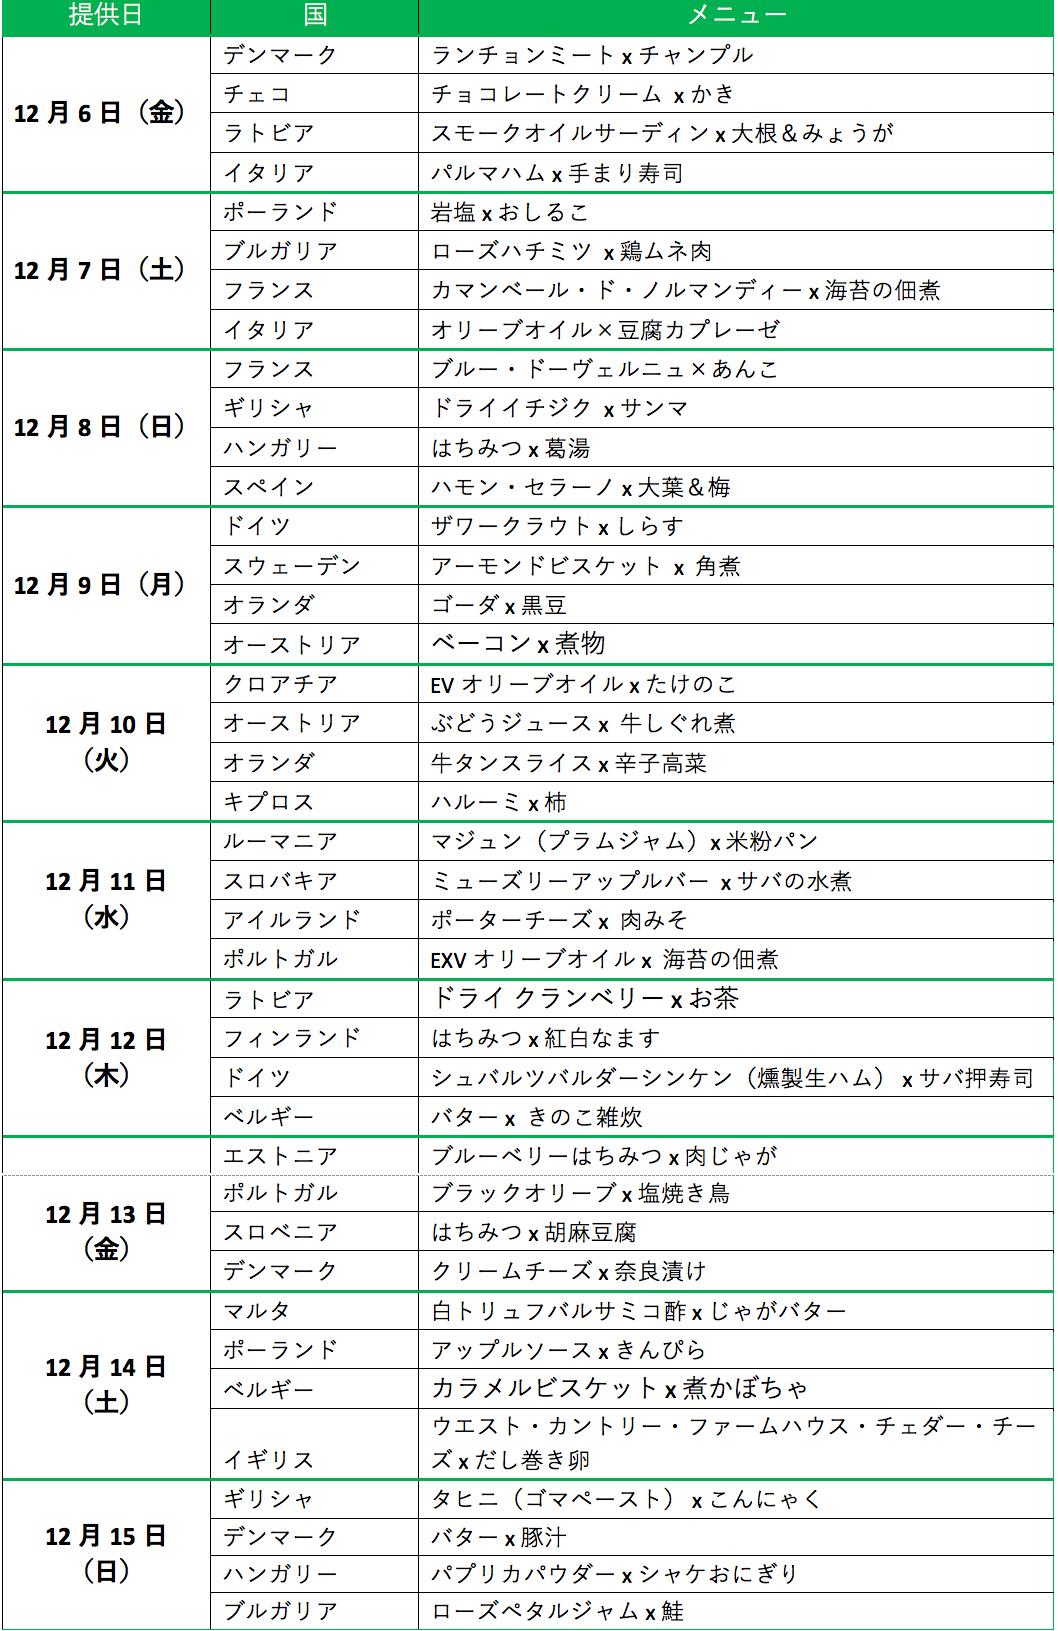 euv_menu.png